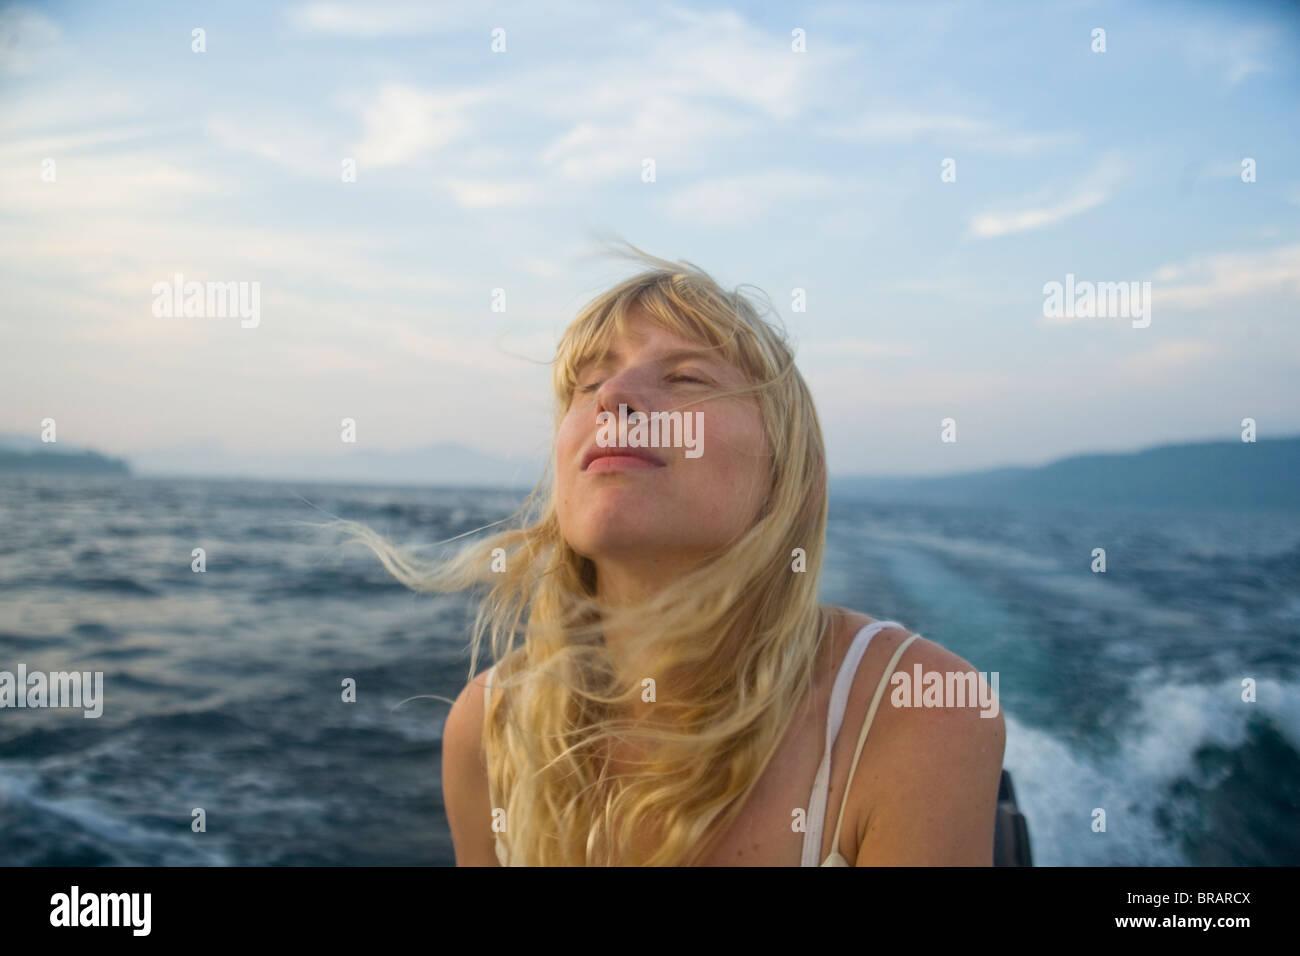 La donna gode di vento sulla barca Immagini Stock